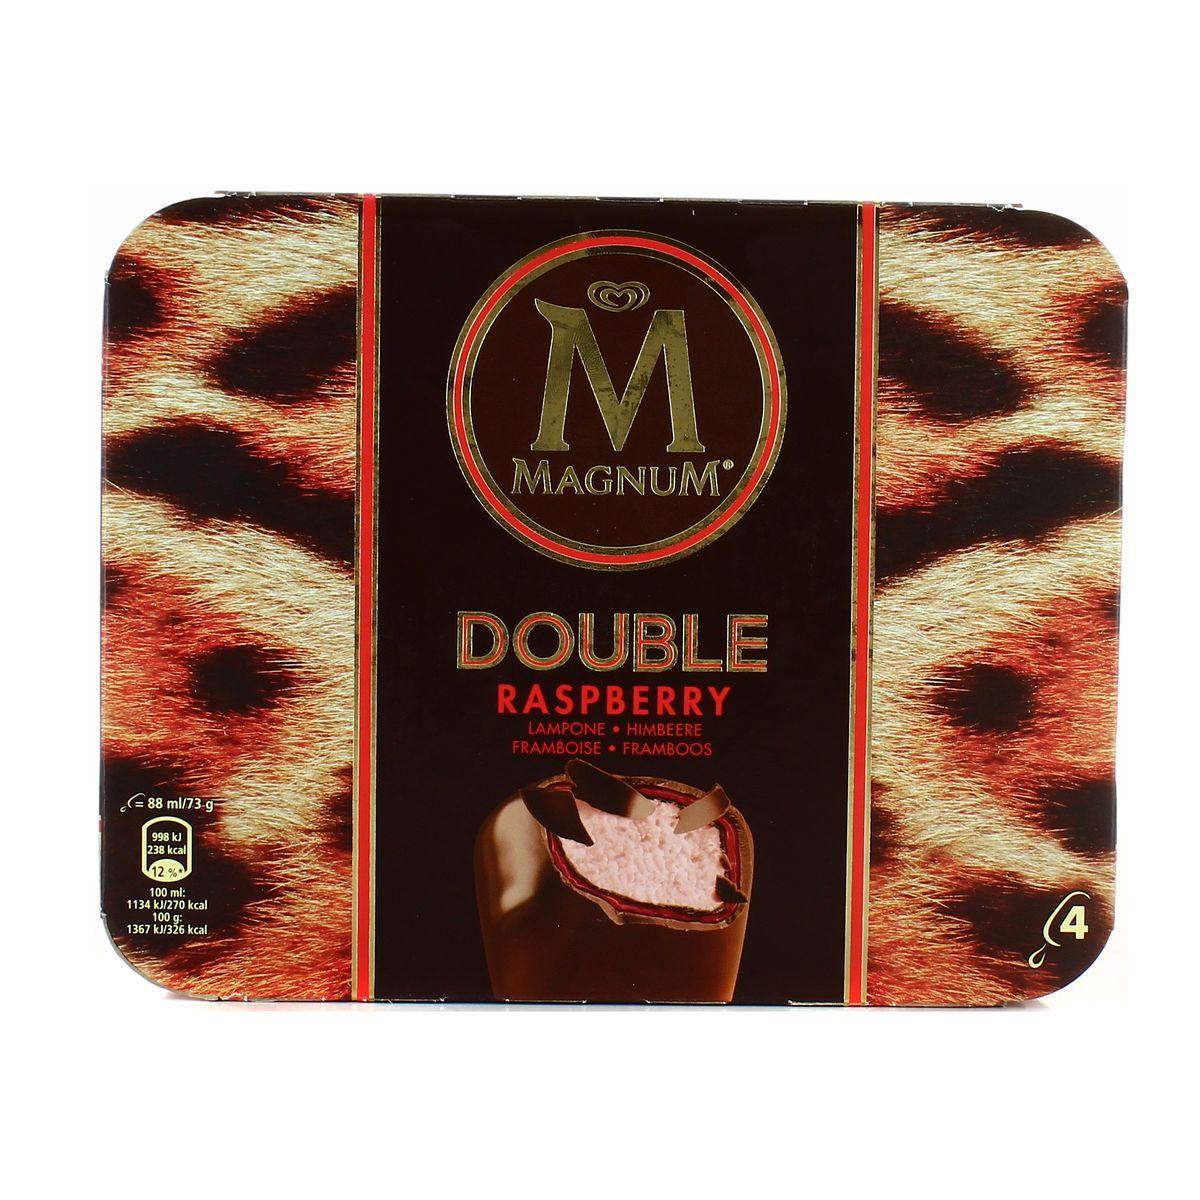 Paquet de 4 glaces chocolatées Magnum Double-Framboise - 292 g (via BDR + carte de fidélité)